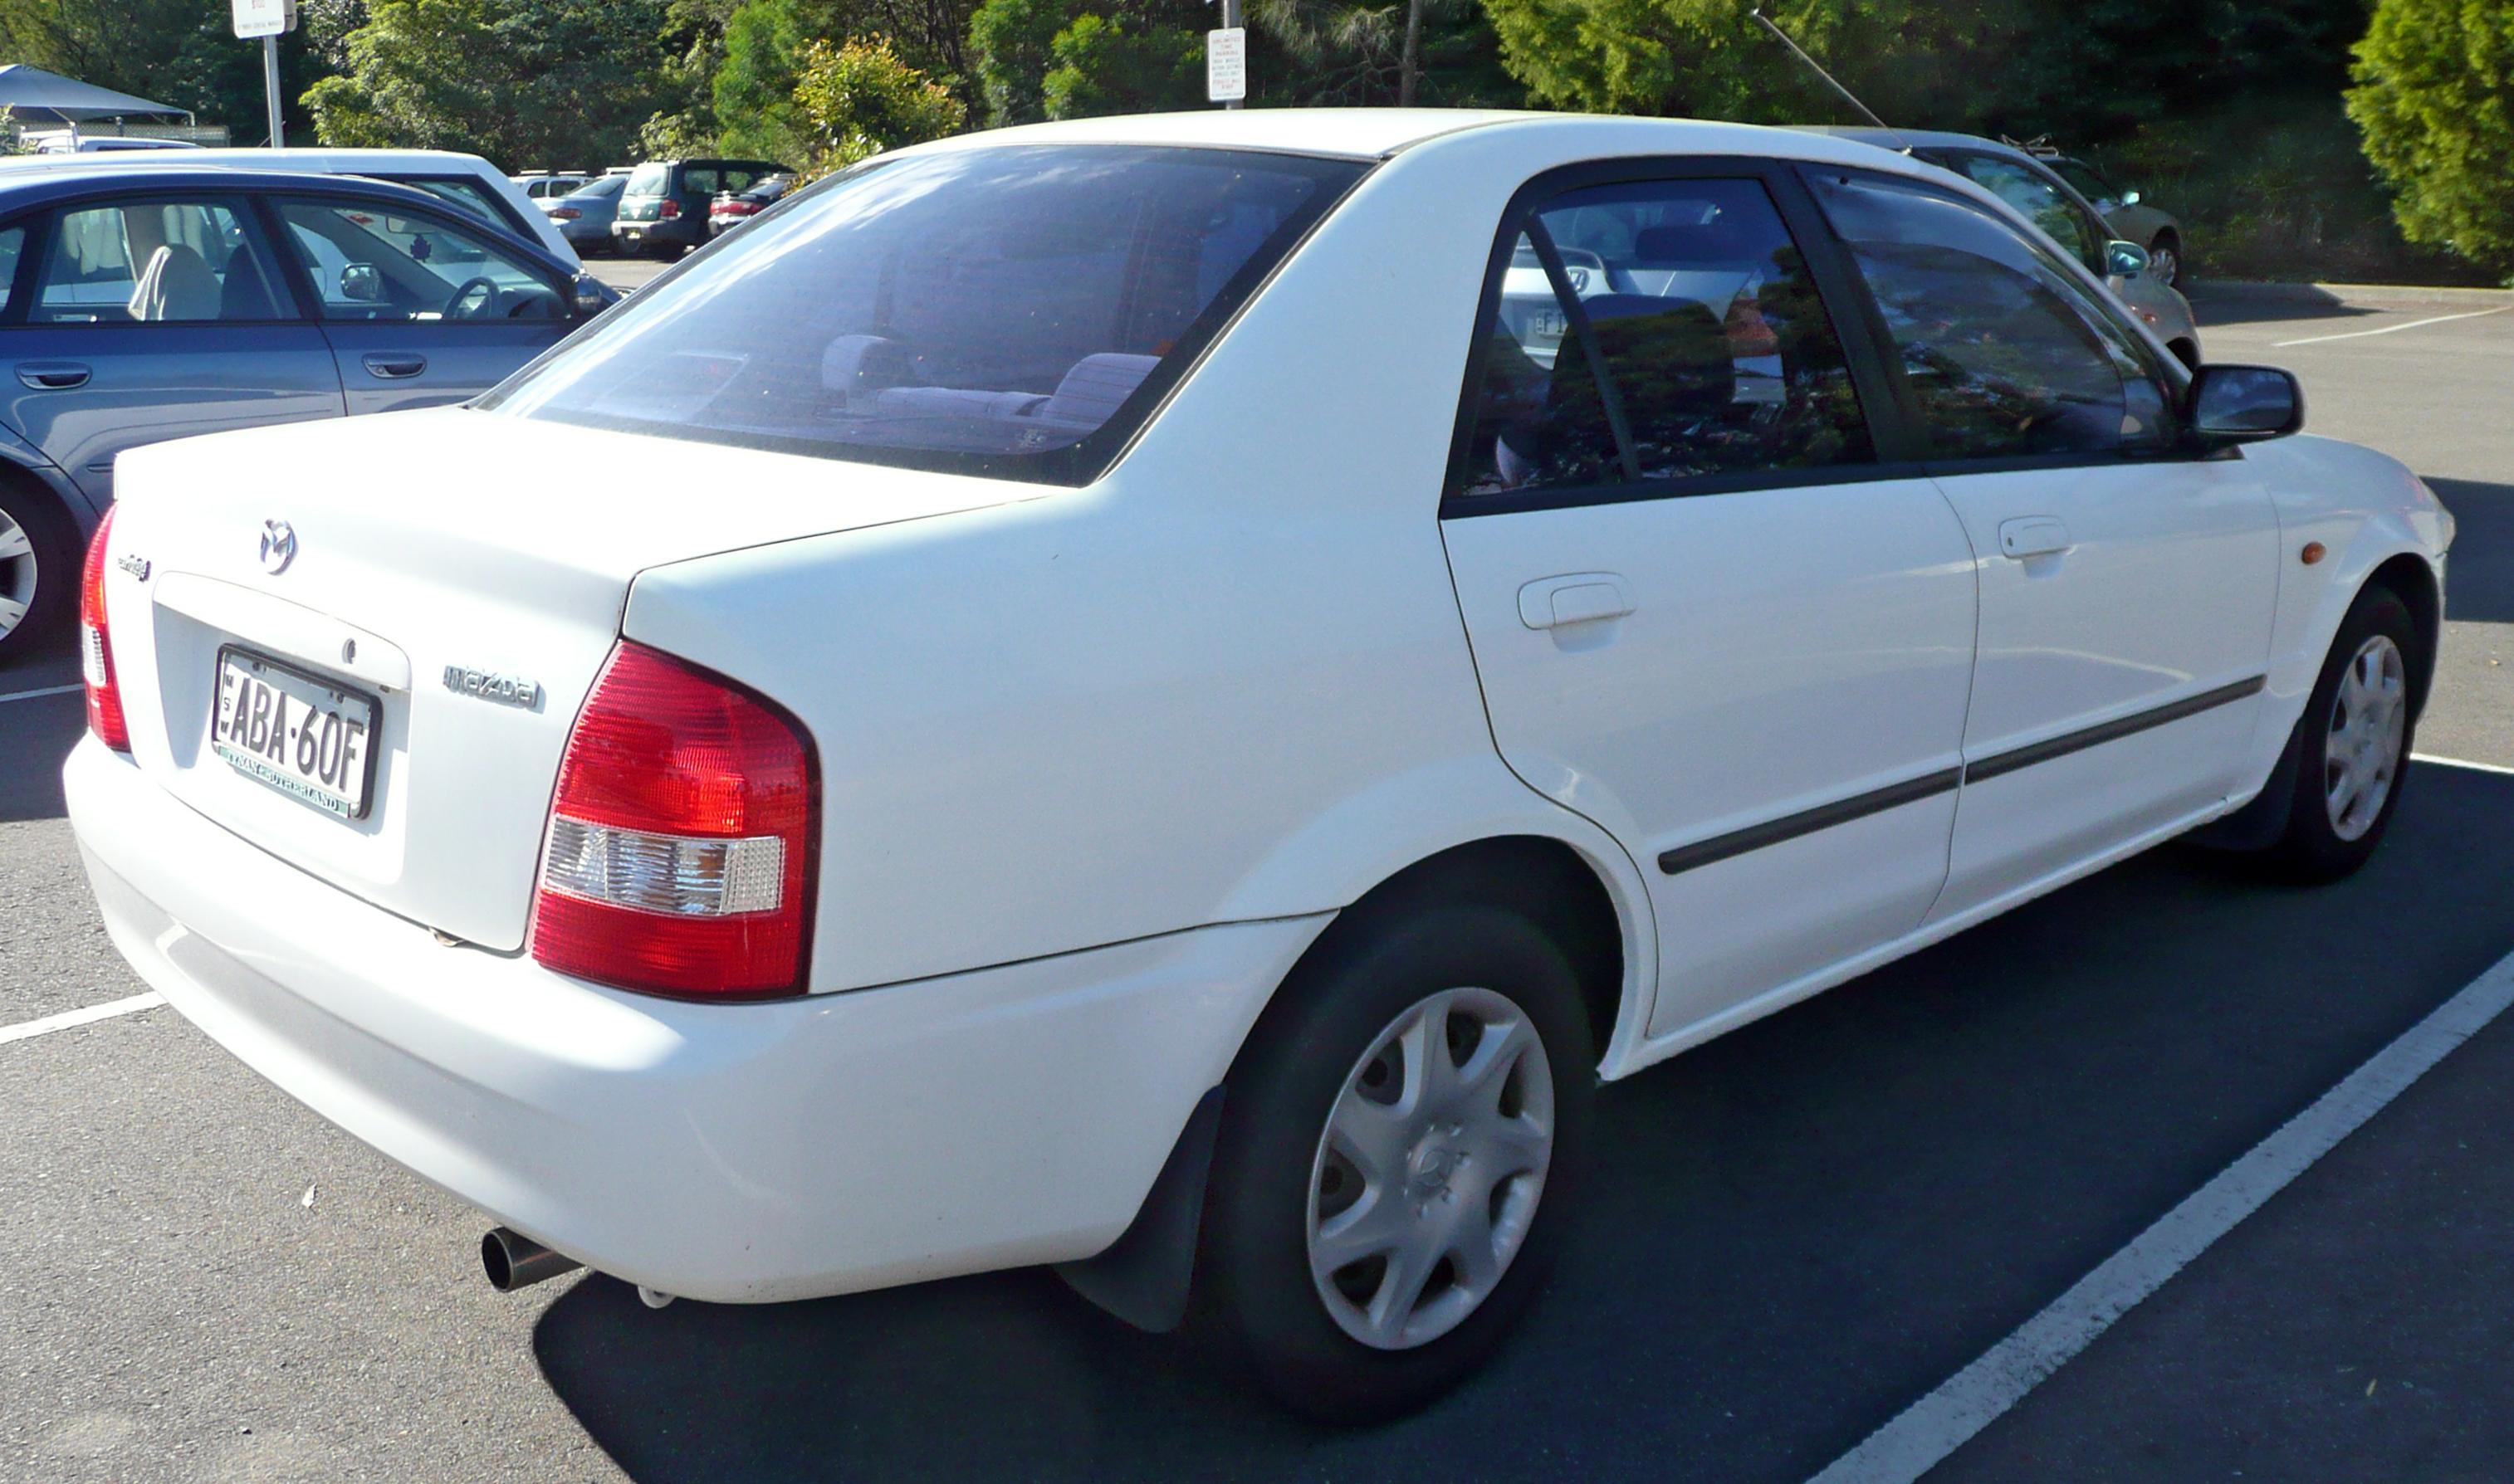 File:1998-2001 Mazda 323 (BJ) Protegé sedan 03.jpg